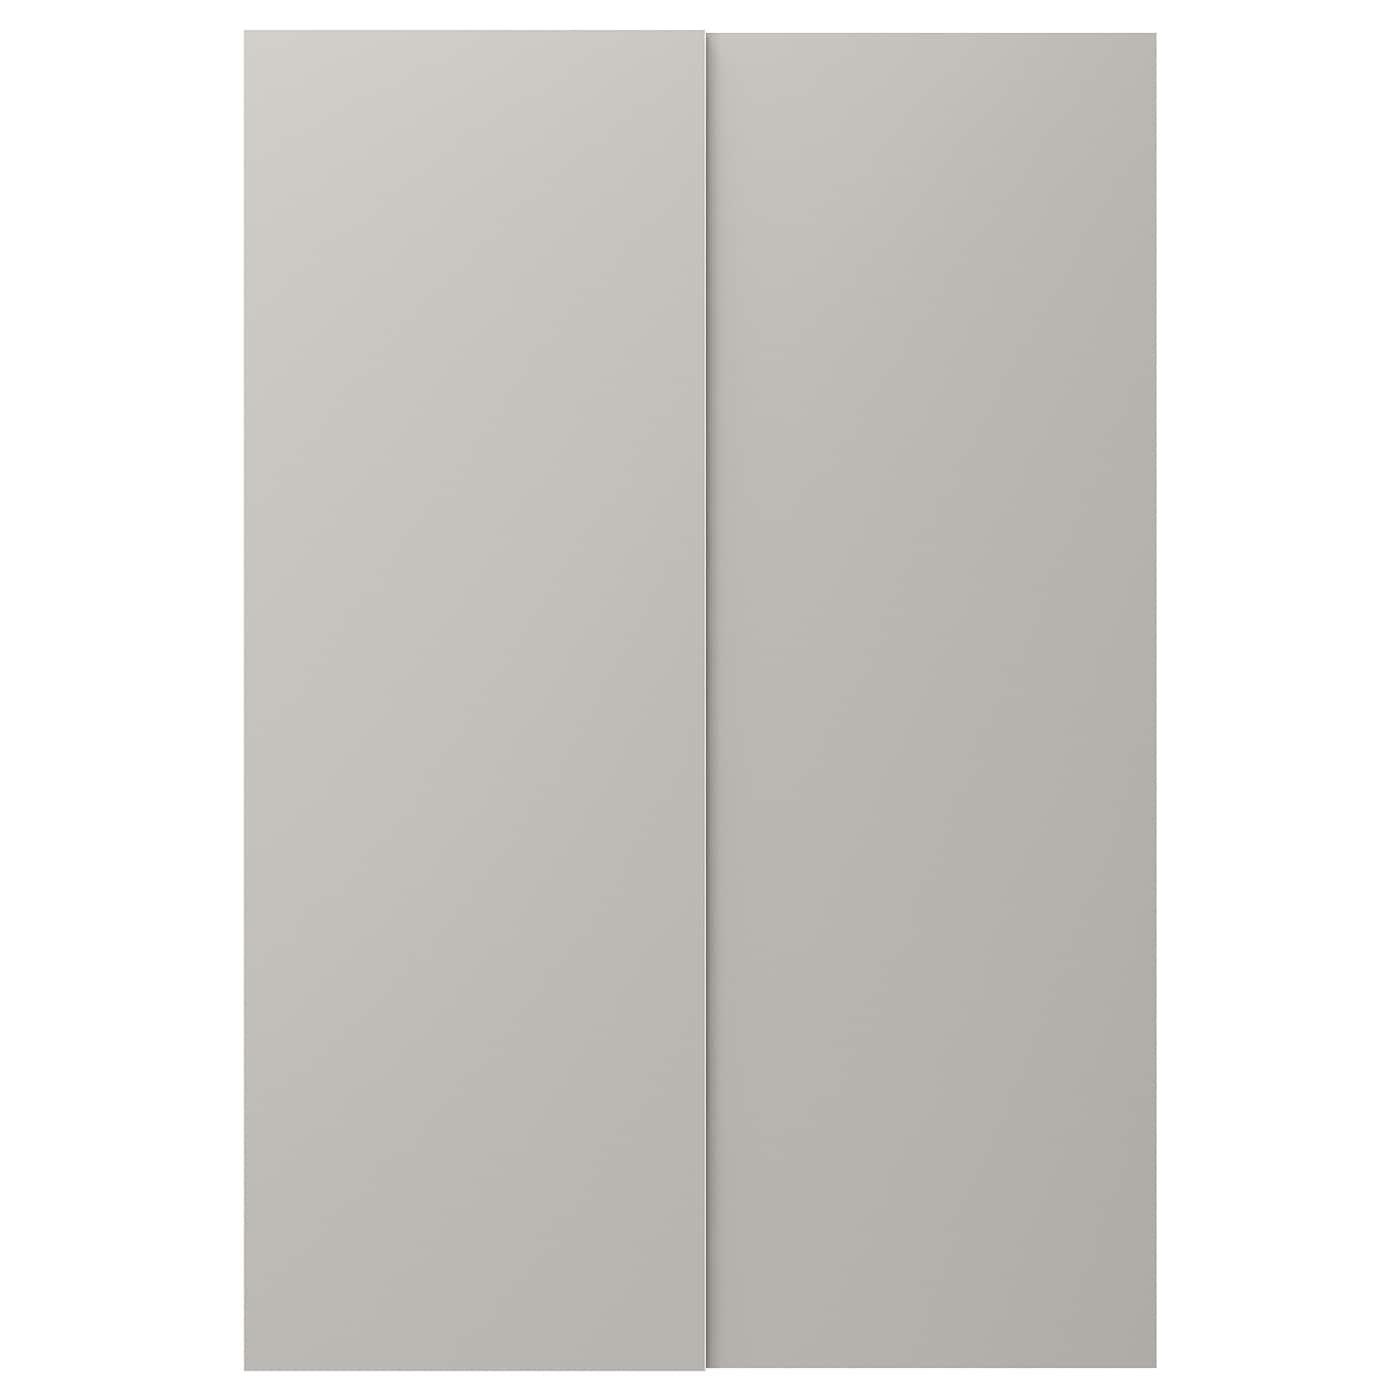 Skatval puertas correderas 2 uds gris claro 120 x 180 cm ikea - Puerta corredera 120 cm ...